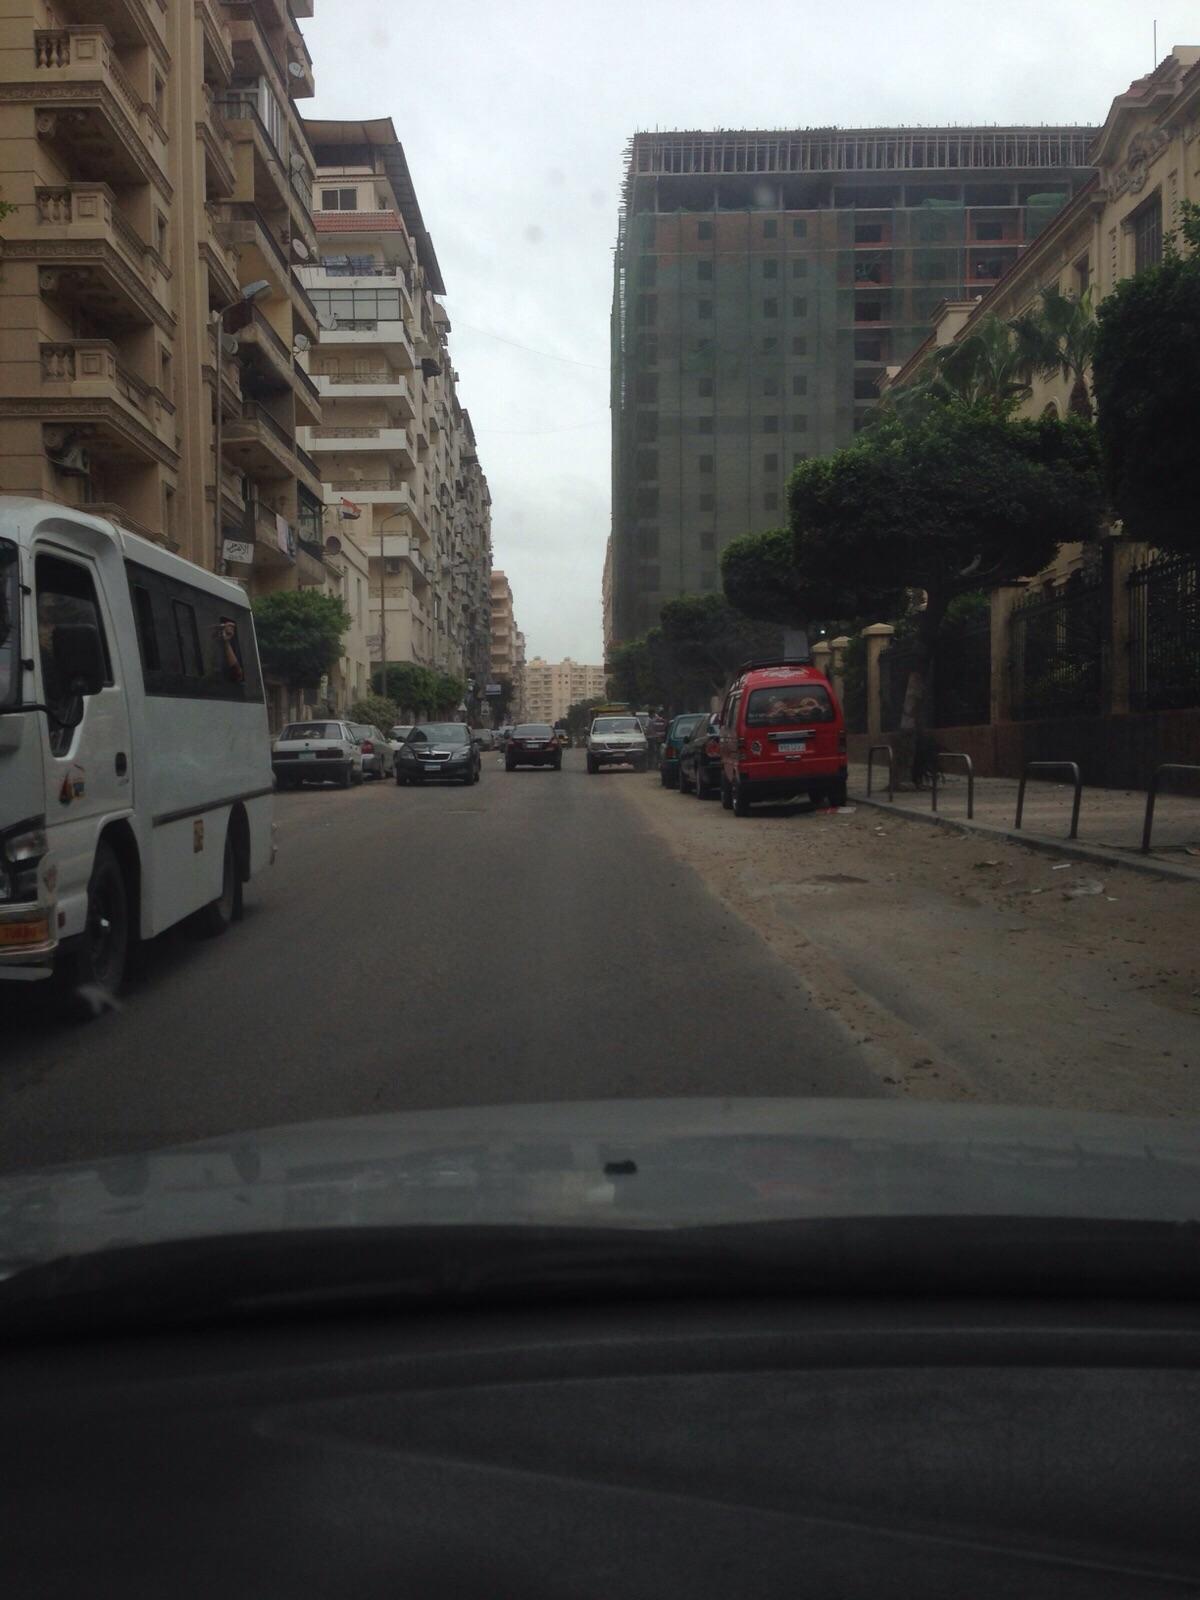 عقار مخالف بالإسكندرية.. المسموح 8 أدوار وصاحبه بنى 13